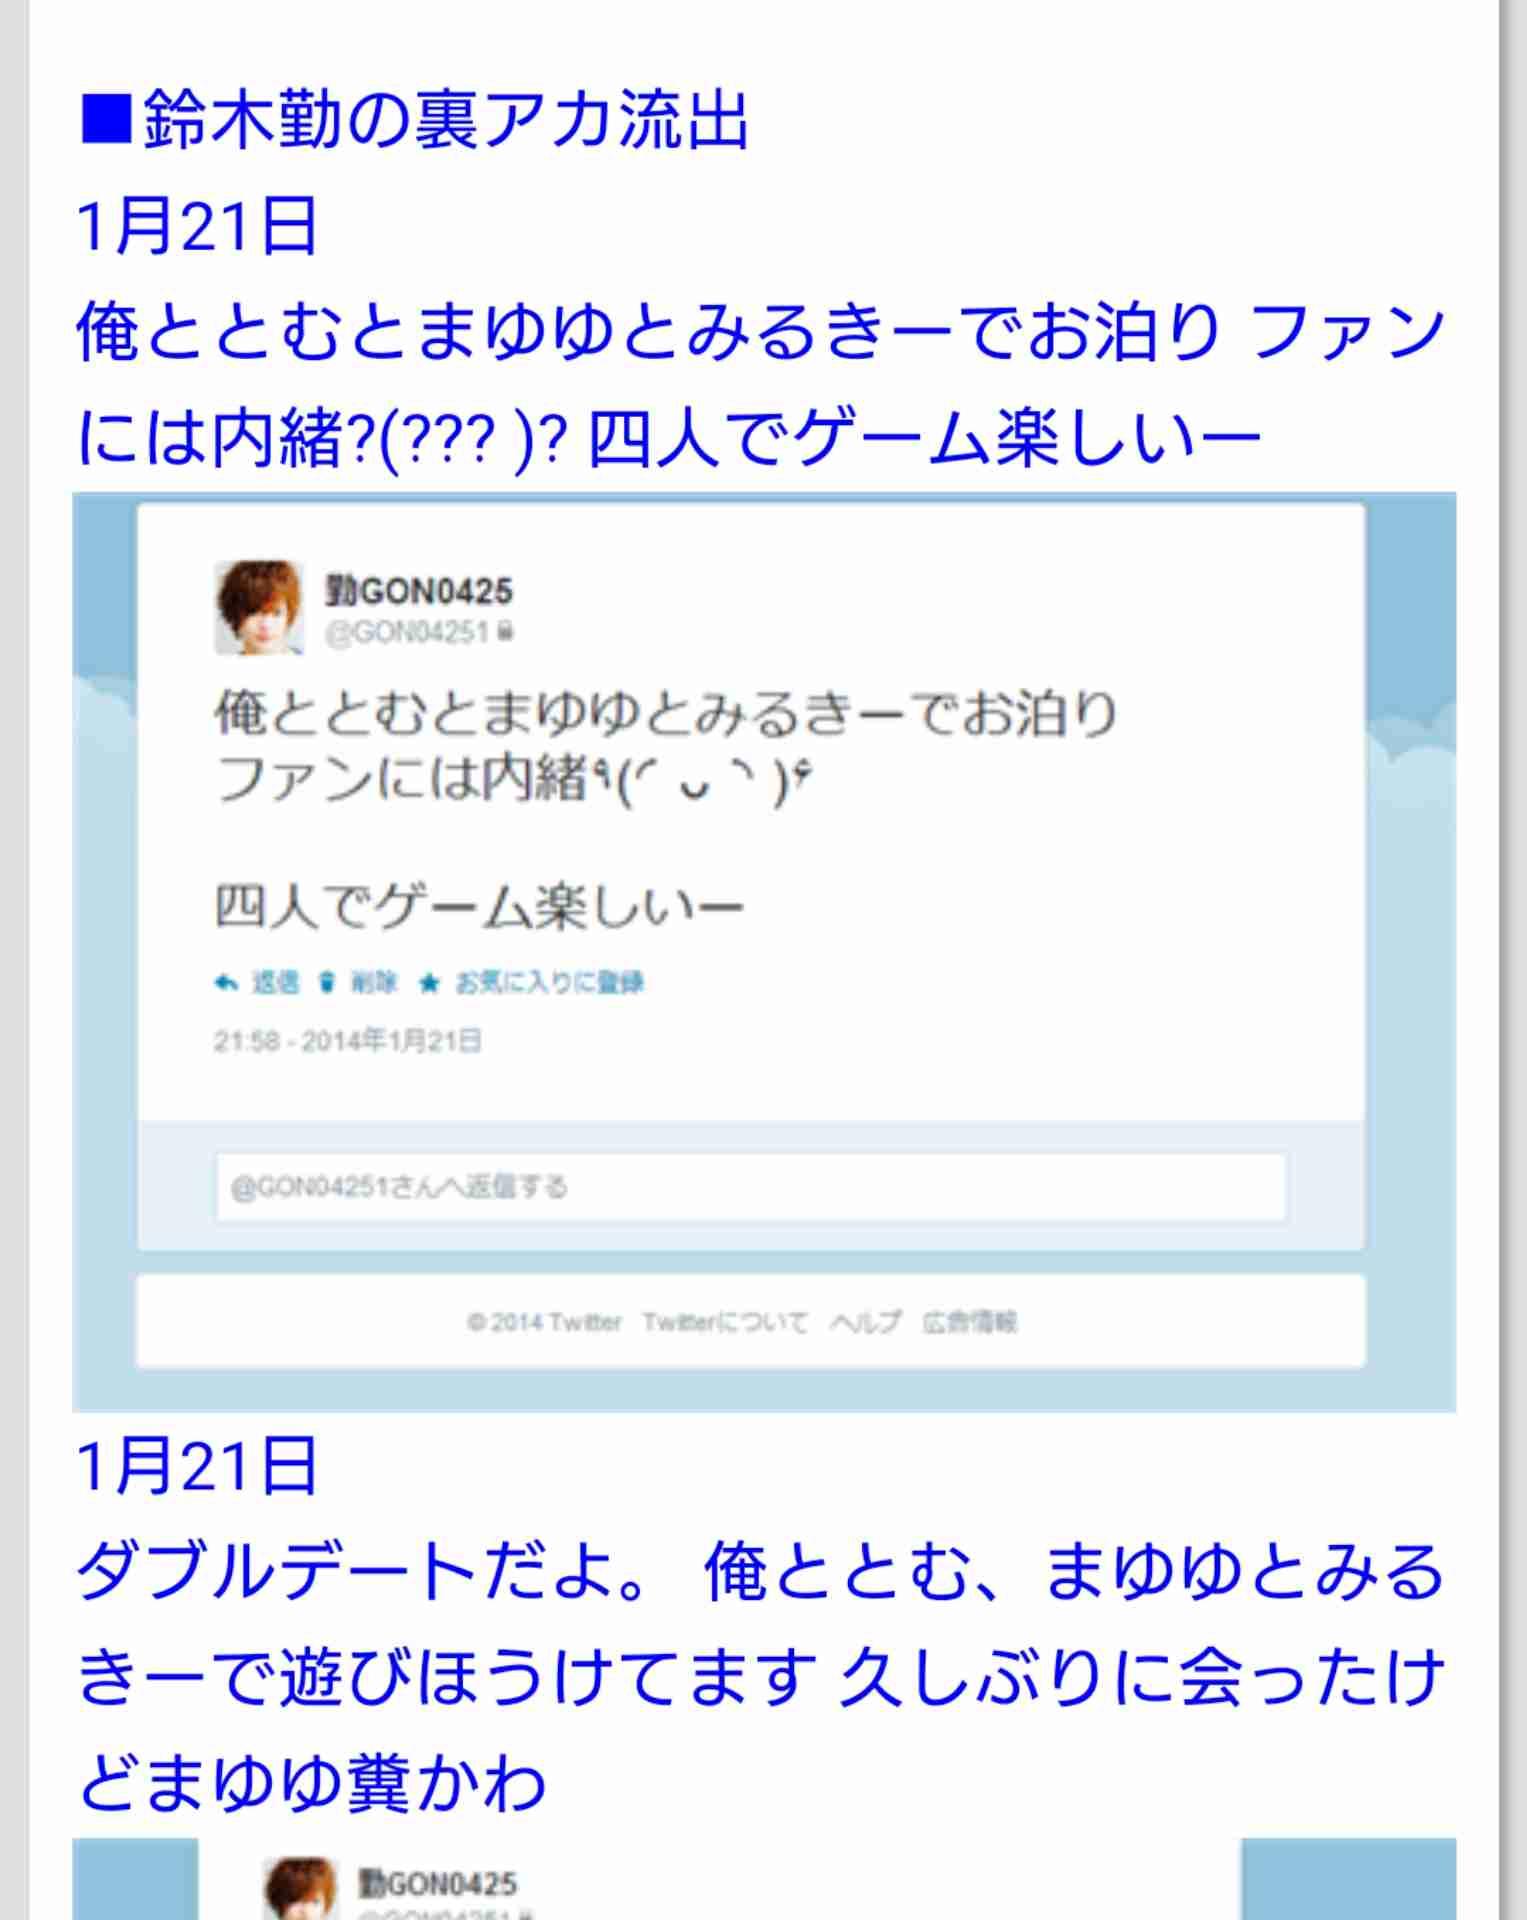 乃木坂46西野七瀬に文春砲!ディレクターを自宅マンションにお持ち帰り?Twitterで「ショック」の声が続出